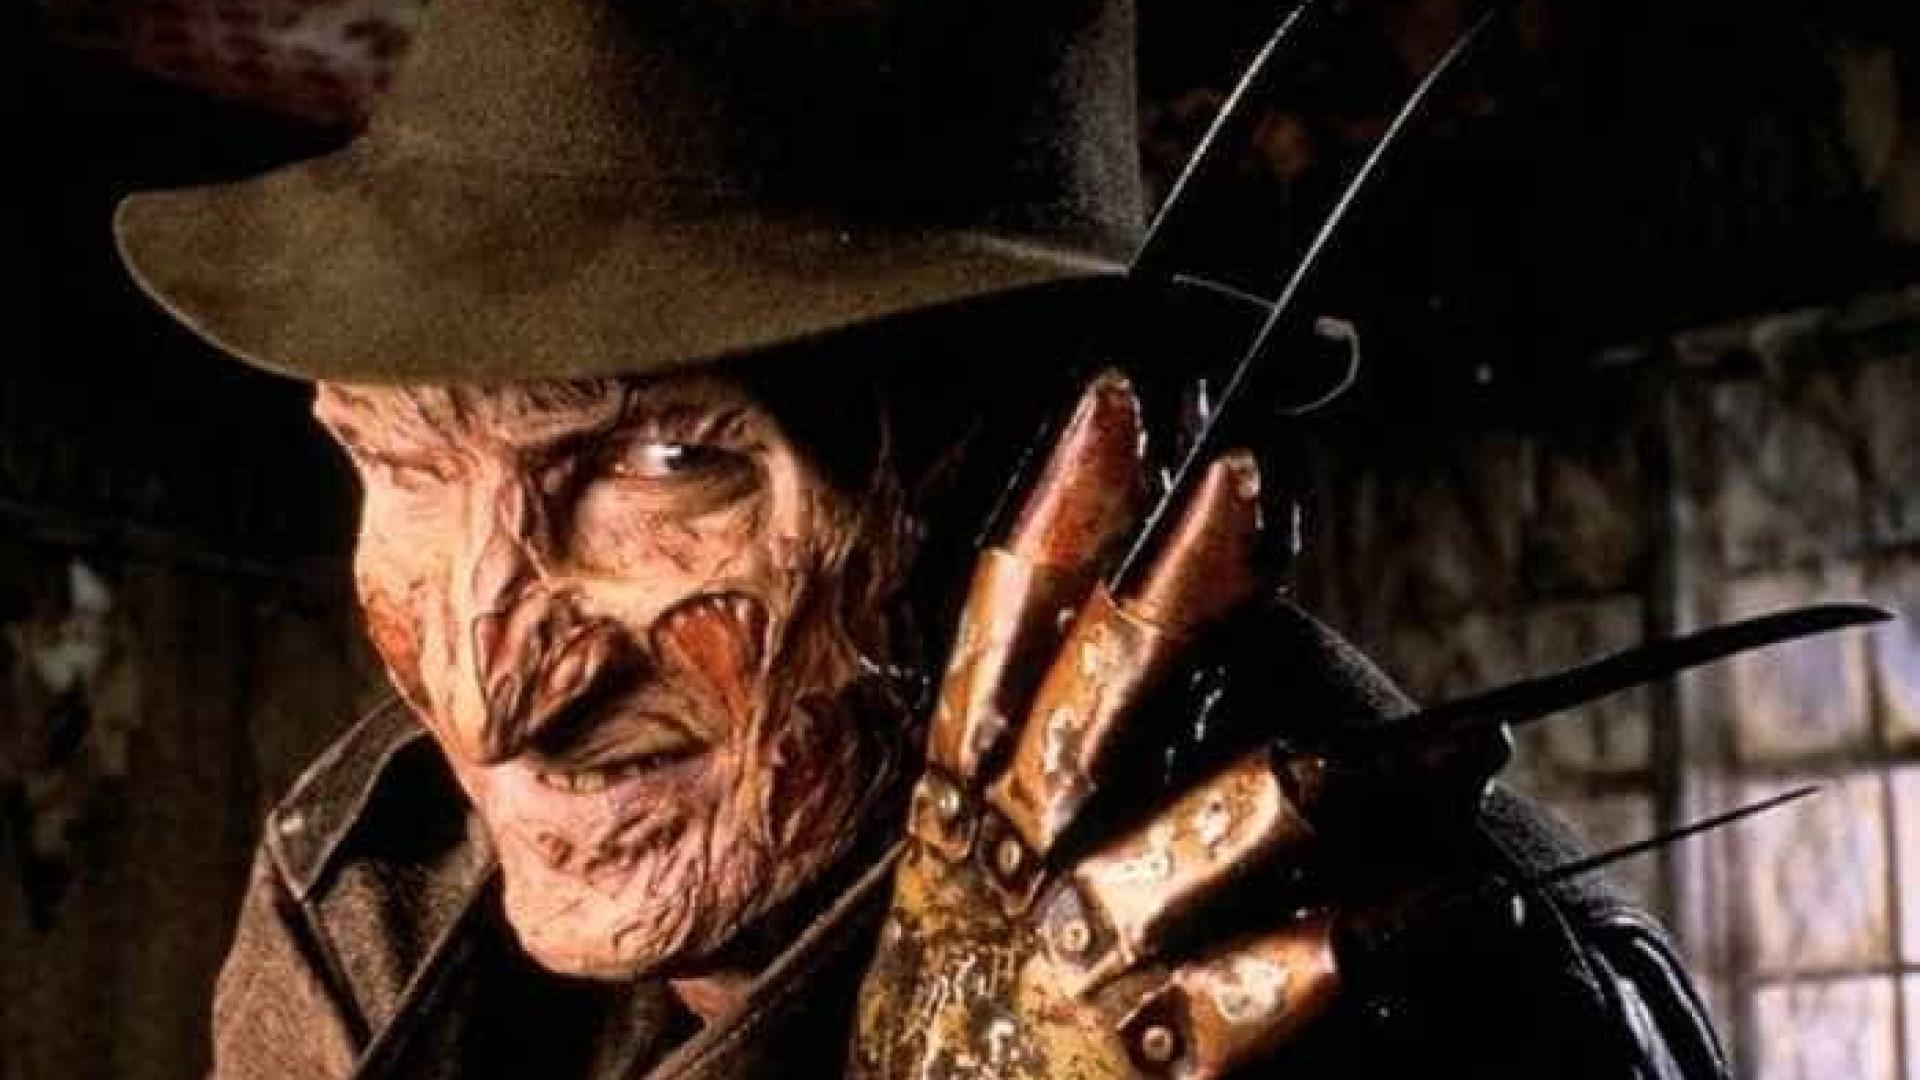 'Freedy Krueger' atira em cinco pessoas  durante festa de Halloween